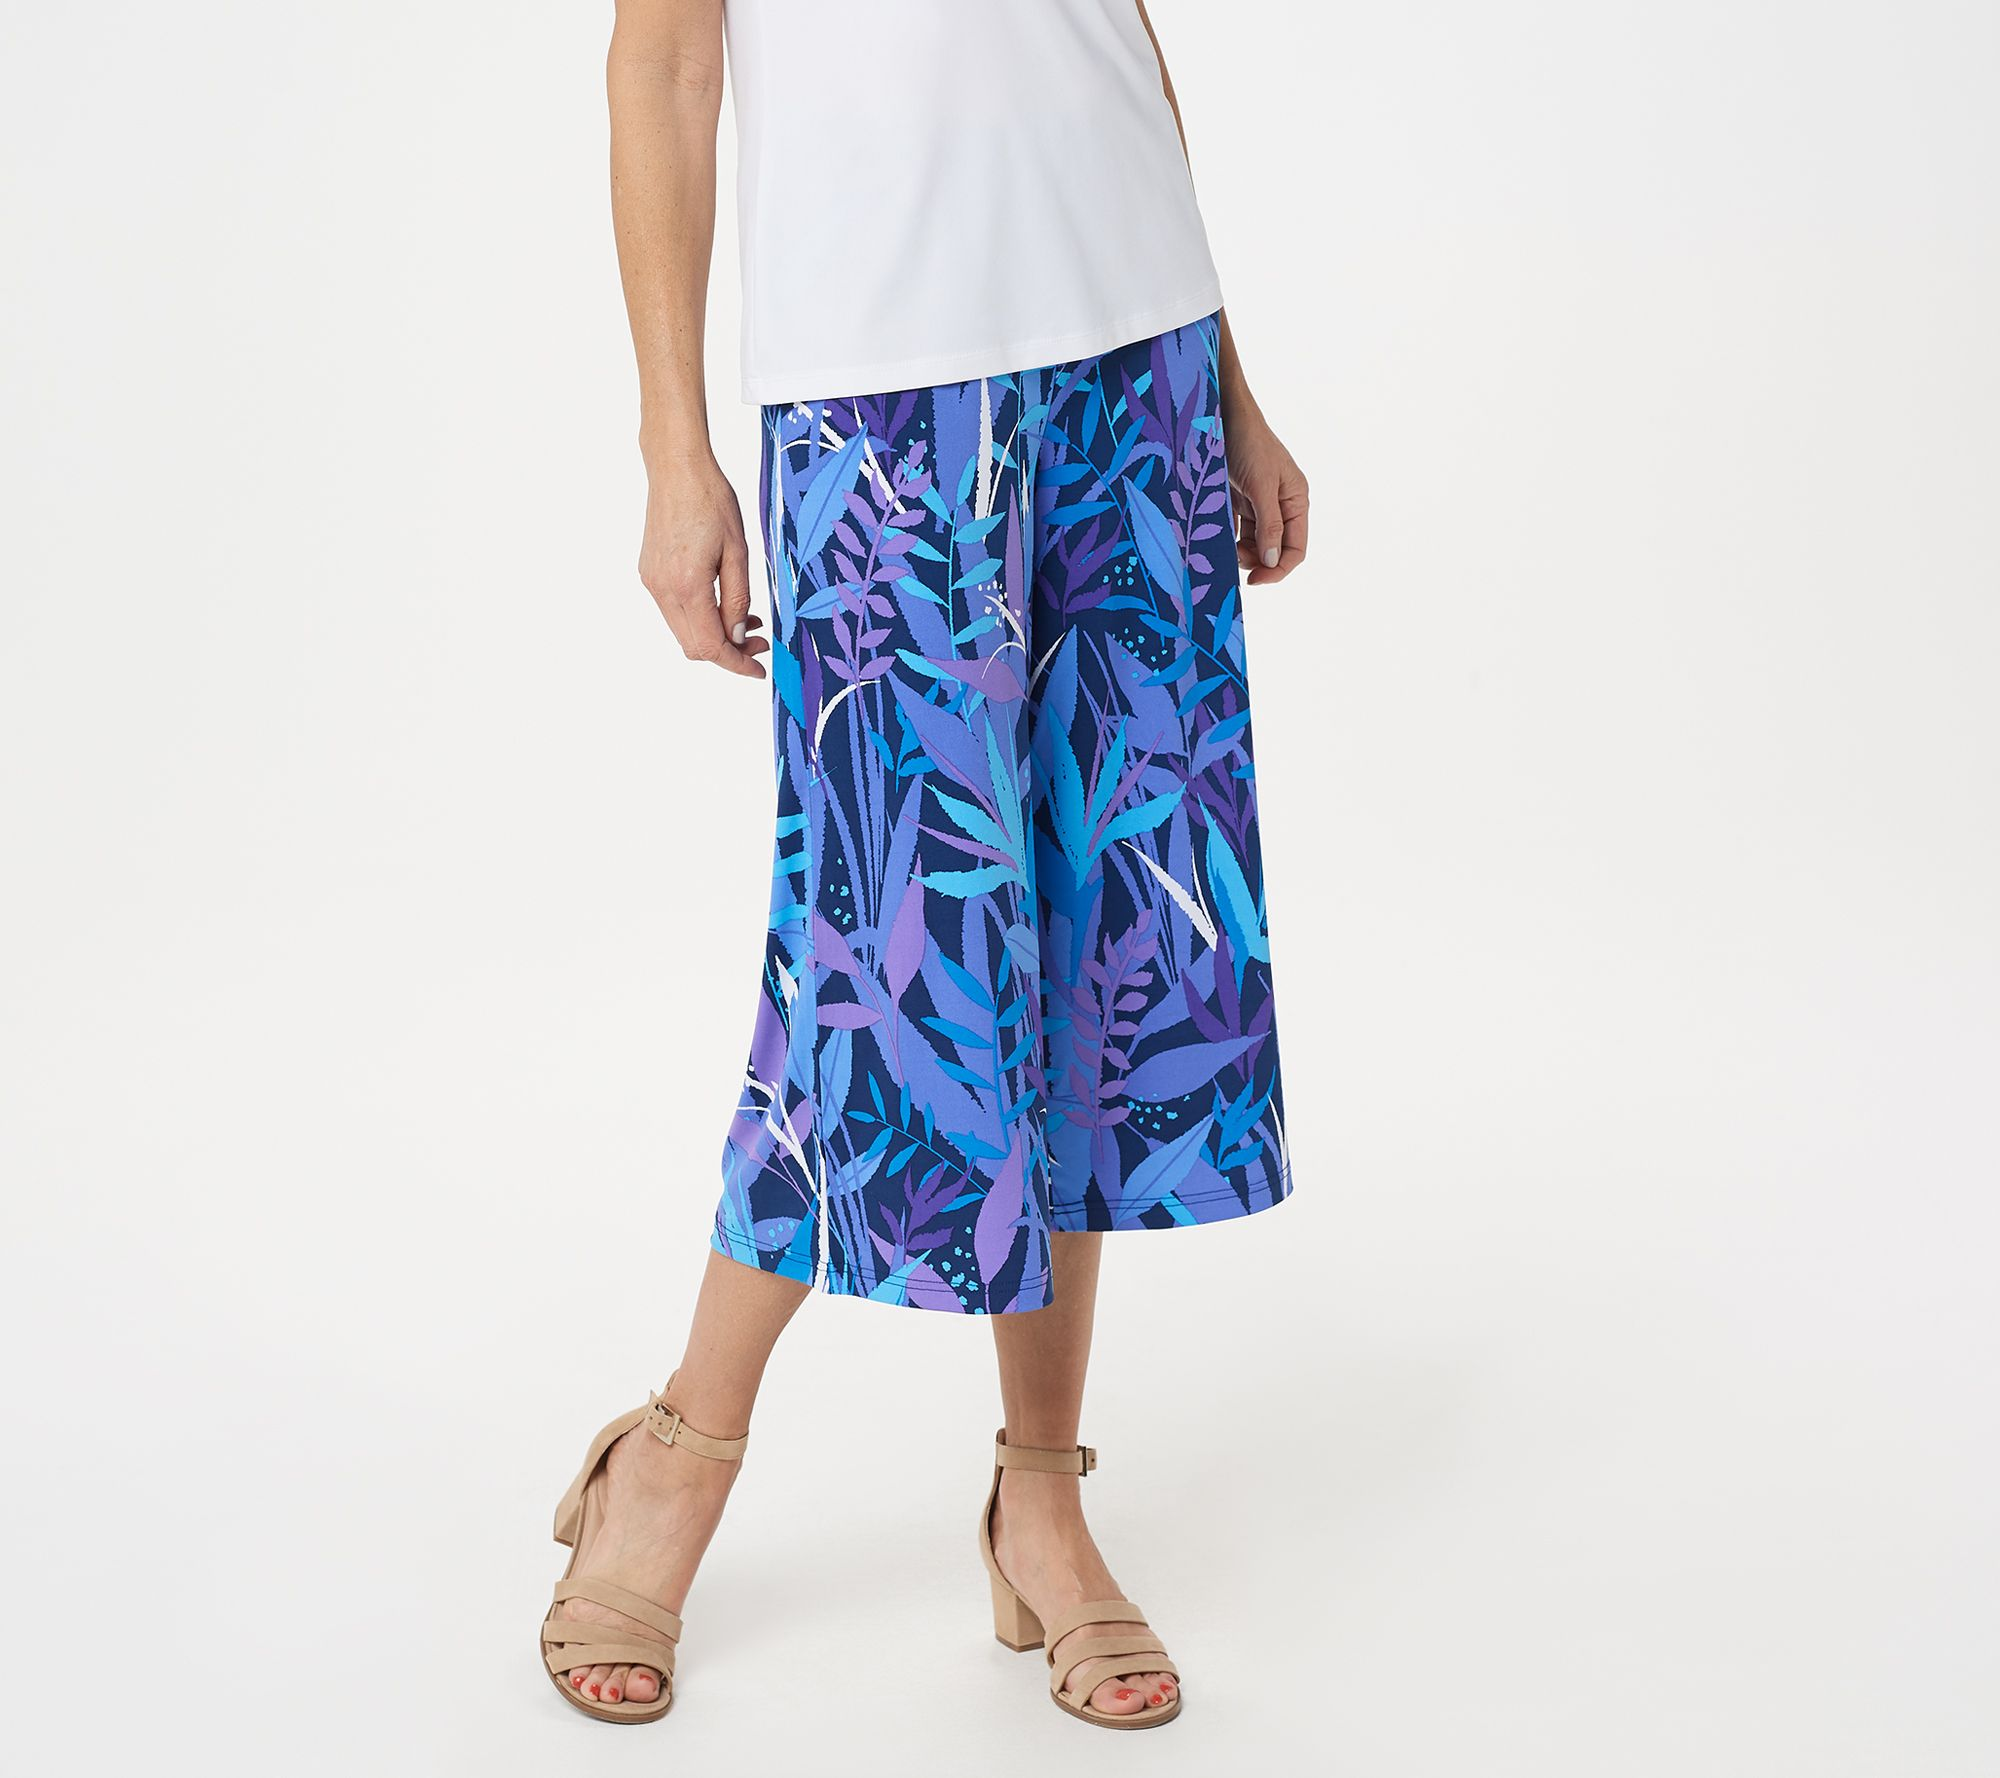 73eae573753 Bob Mackie Tropical Paradise Print Gaucho Knit Pants - Page 1 — QVC.com